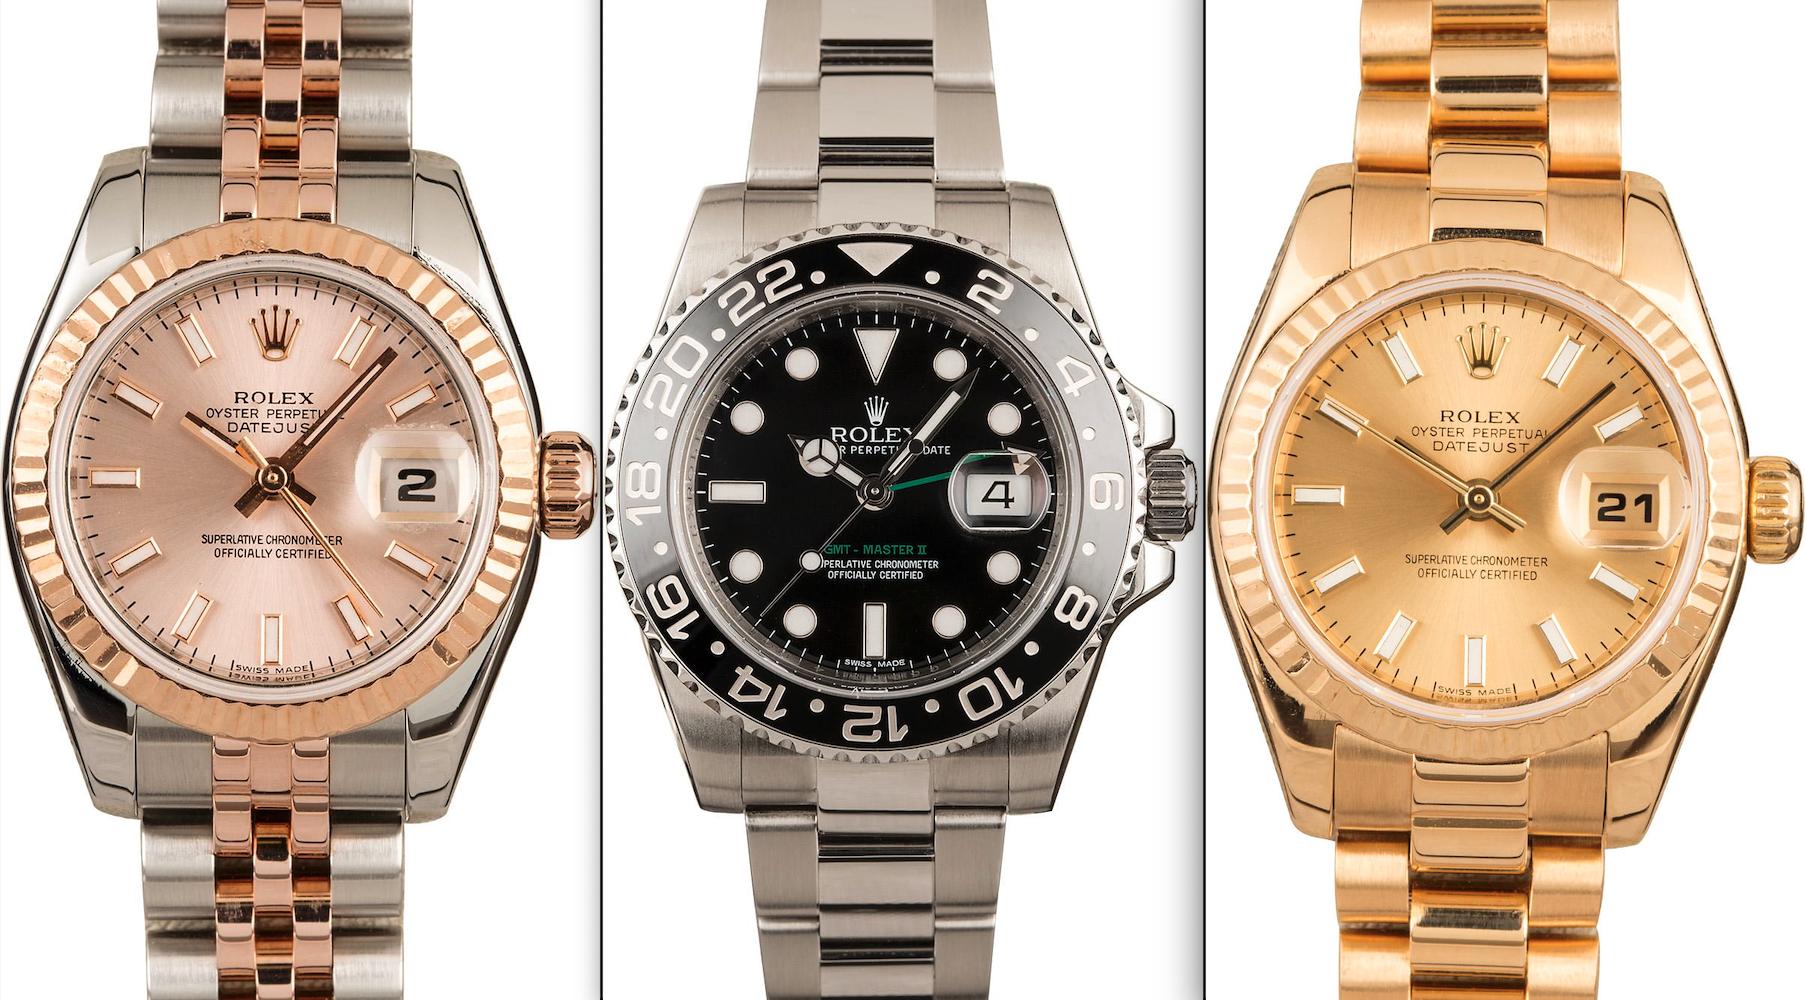 rolex watches under $5k $10k